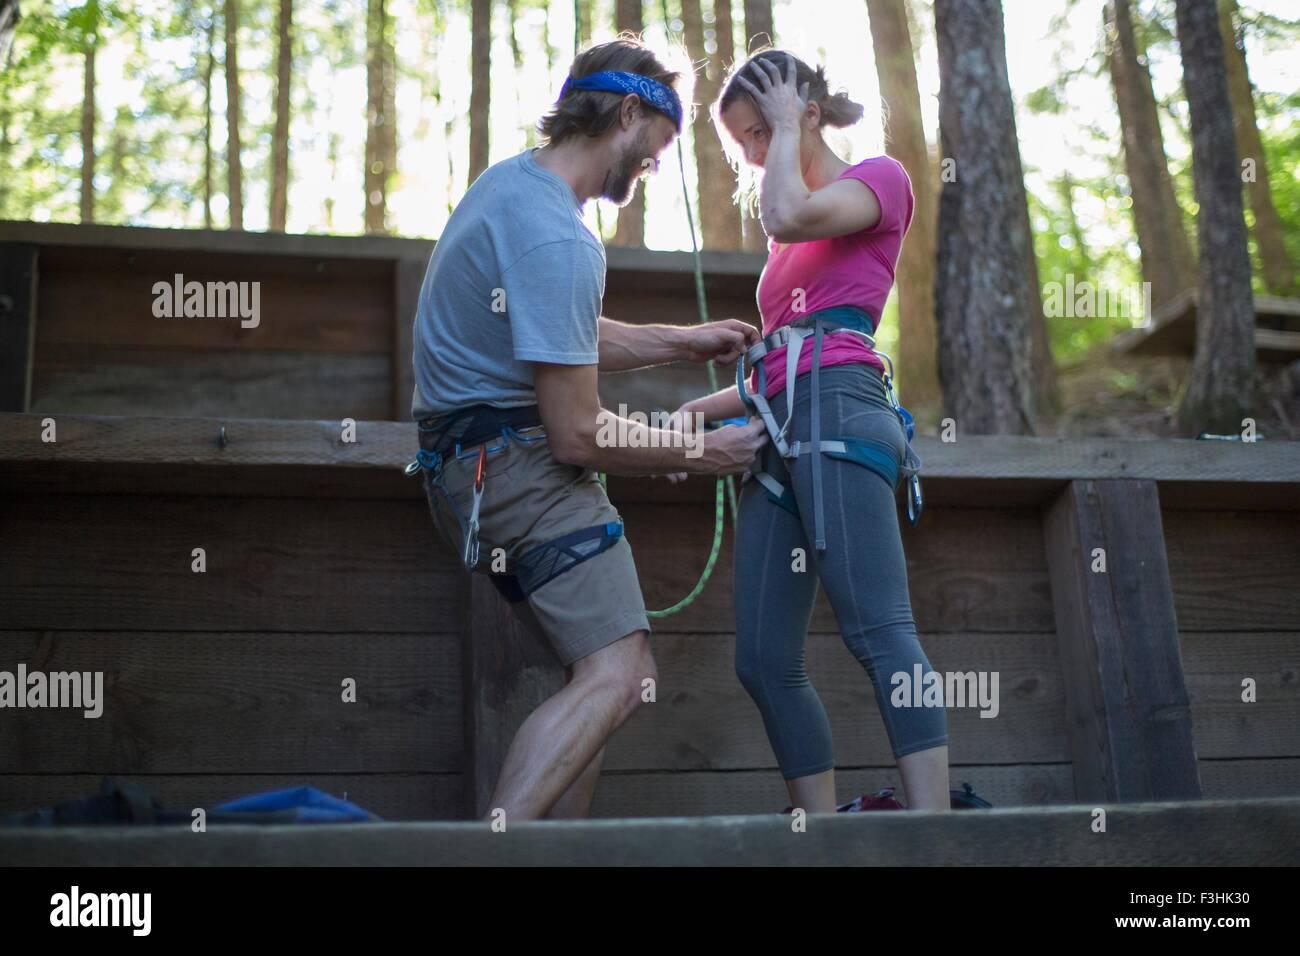 Par preparar para la escalada en roca, la cúpula de francés, Zig Zag, Oregón, EE.UU. Imagen De Stock